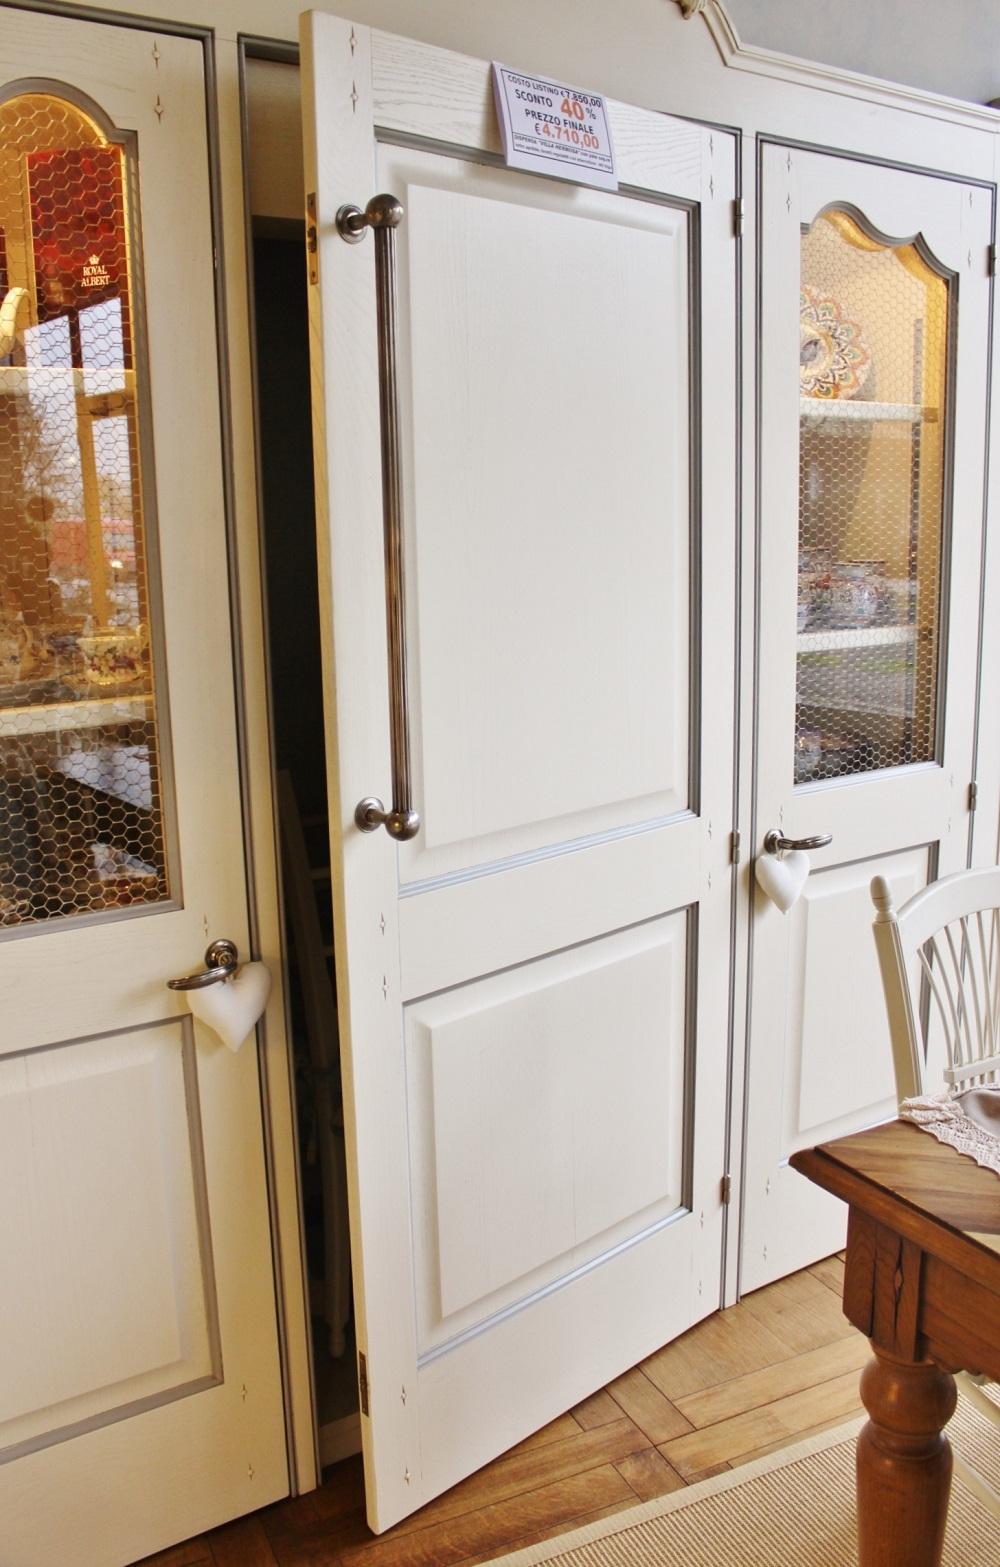 Cucine Con Dispensa Angolare : Cucina con dispensa angolare ...